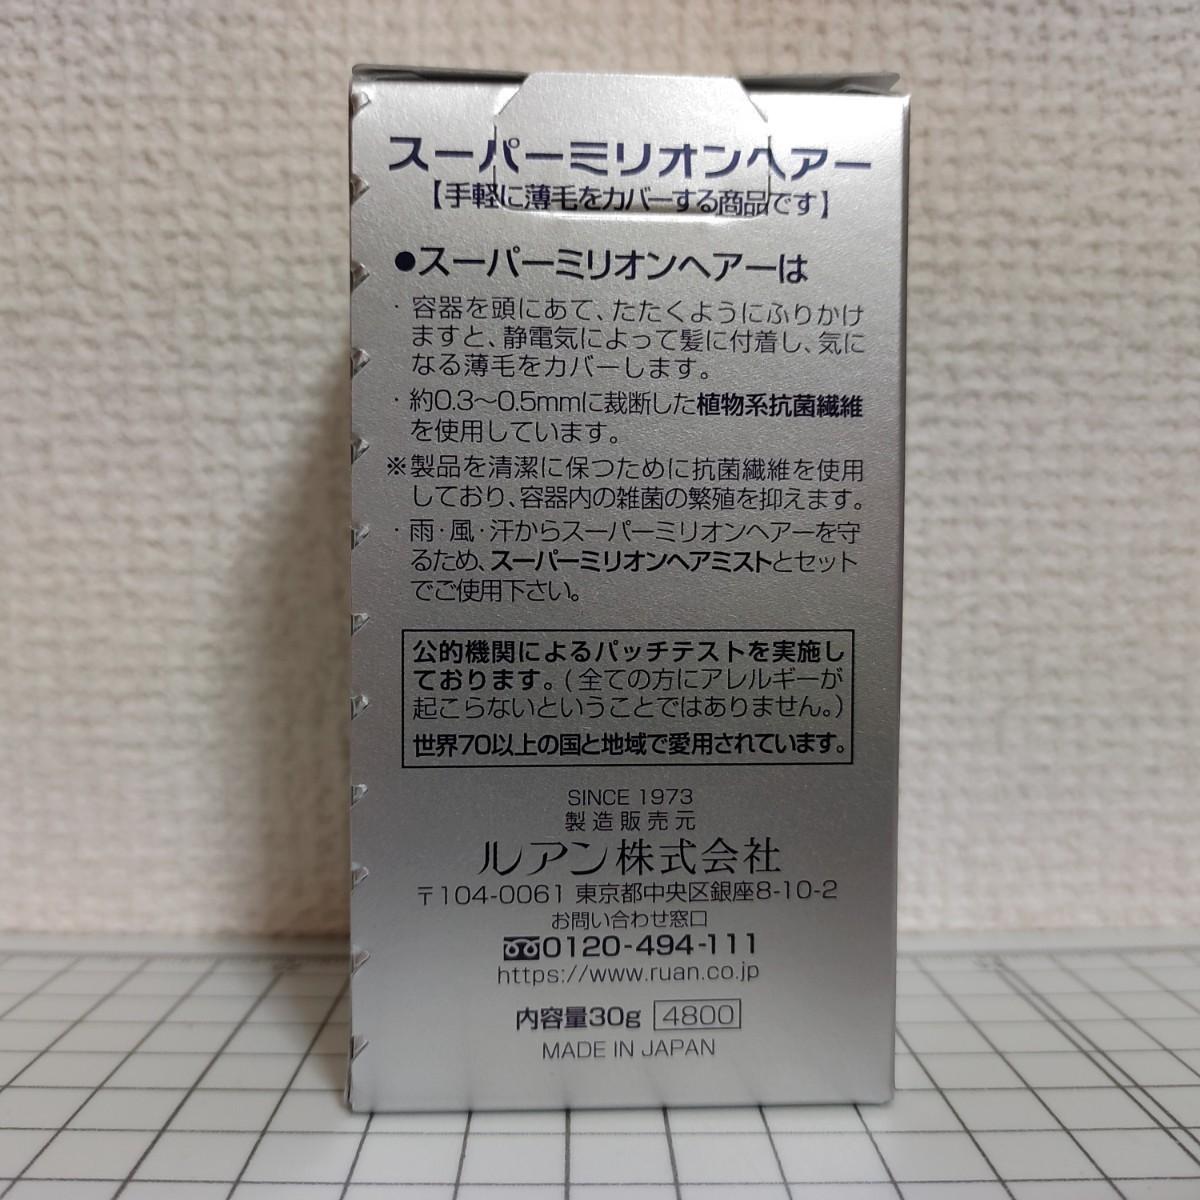 スーパーミリオンヘアー ブラック 30g 5箱 新品・未開封